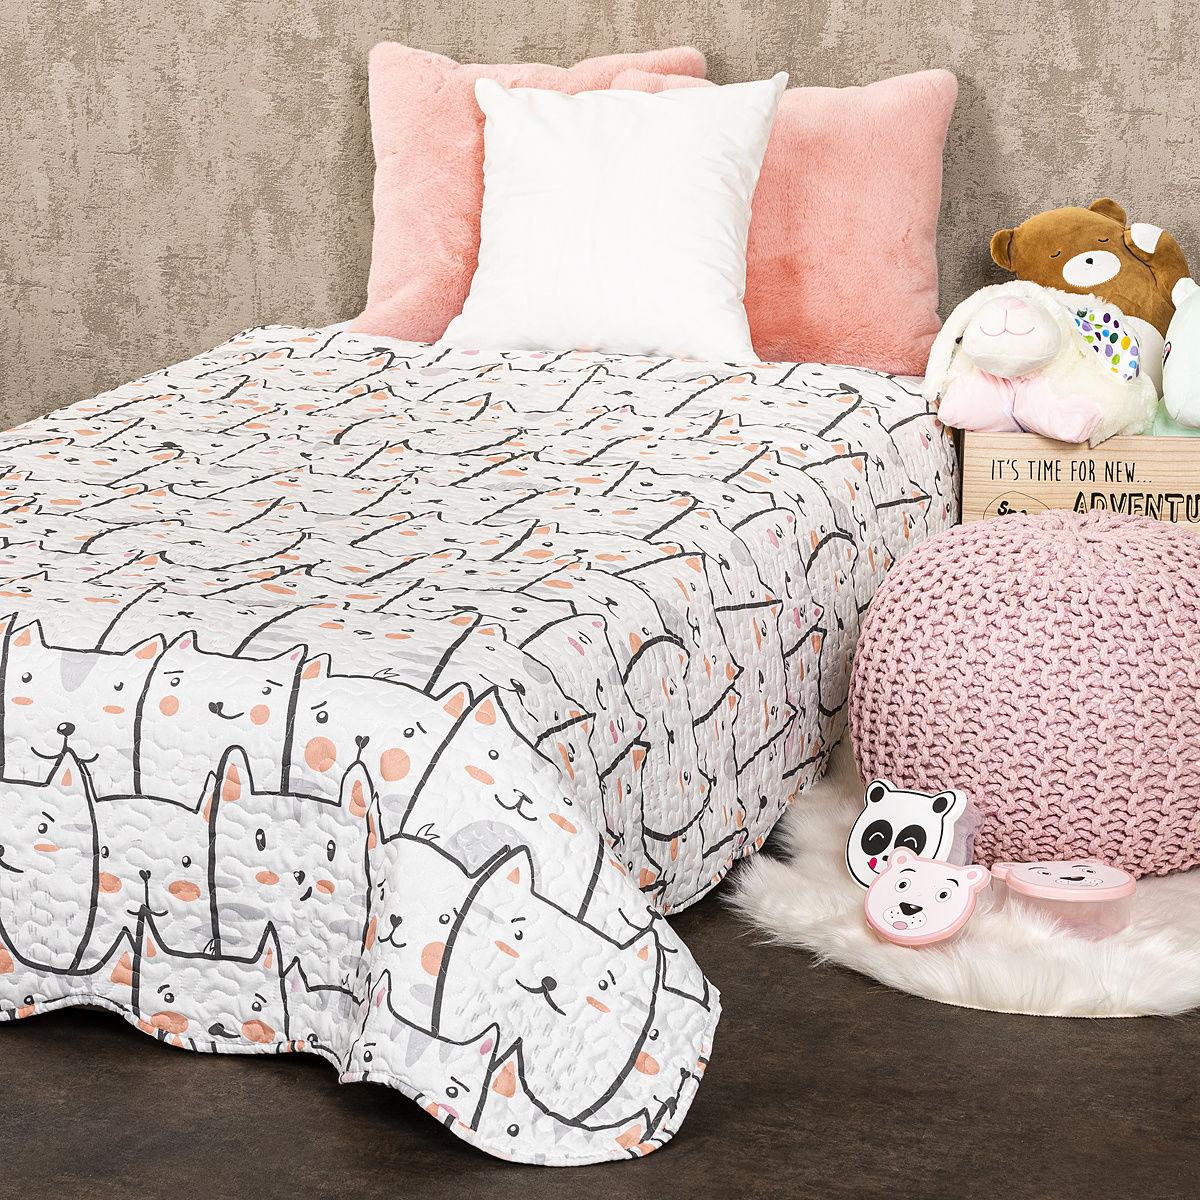 4Home Dziecięca narzuta na łóżko Koty, 140 x 200 cm